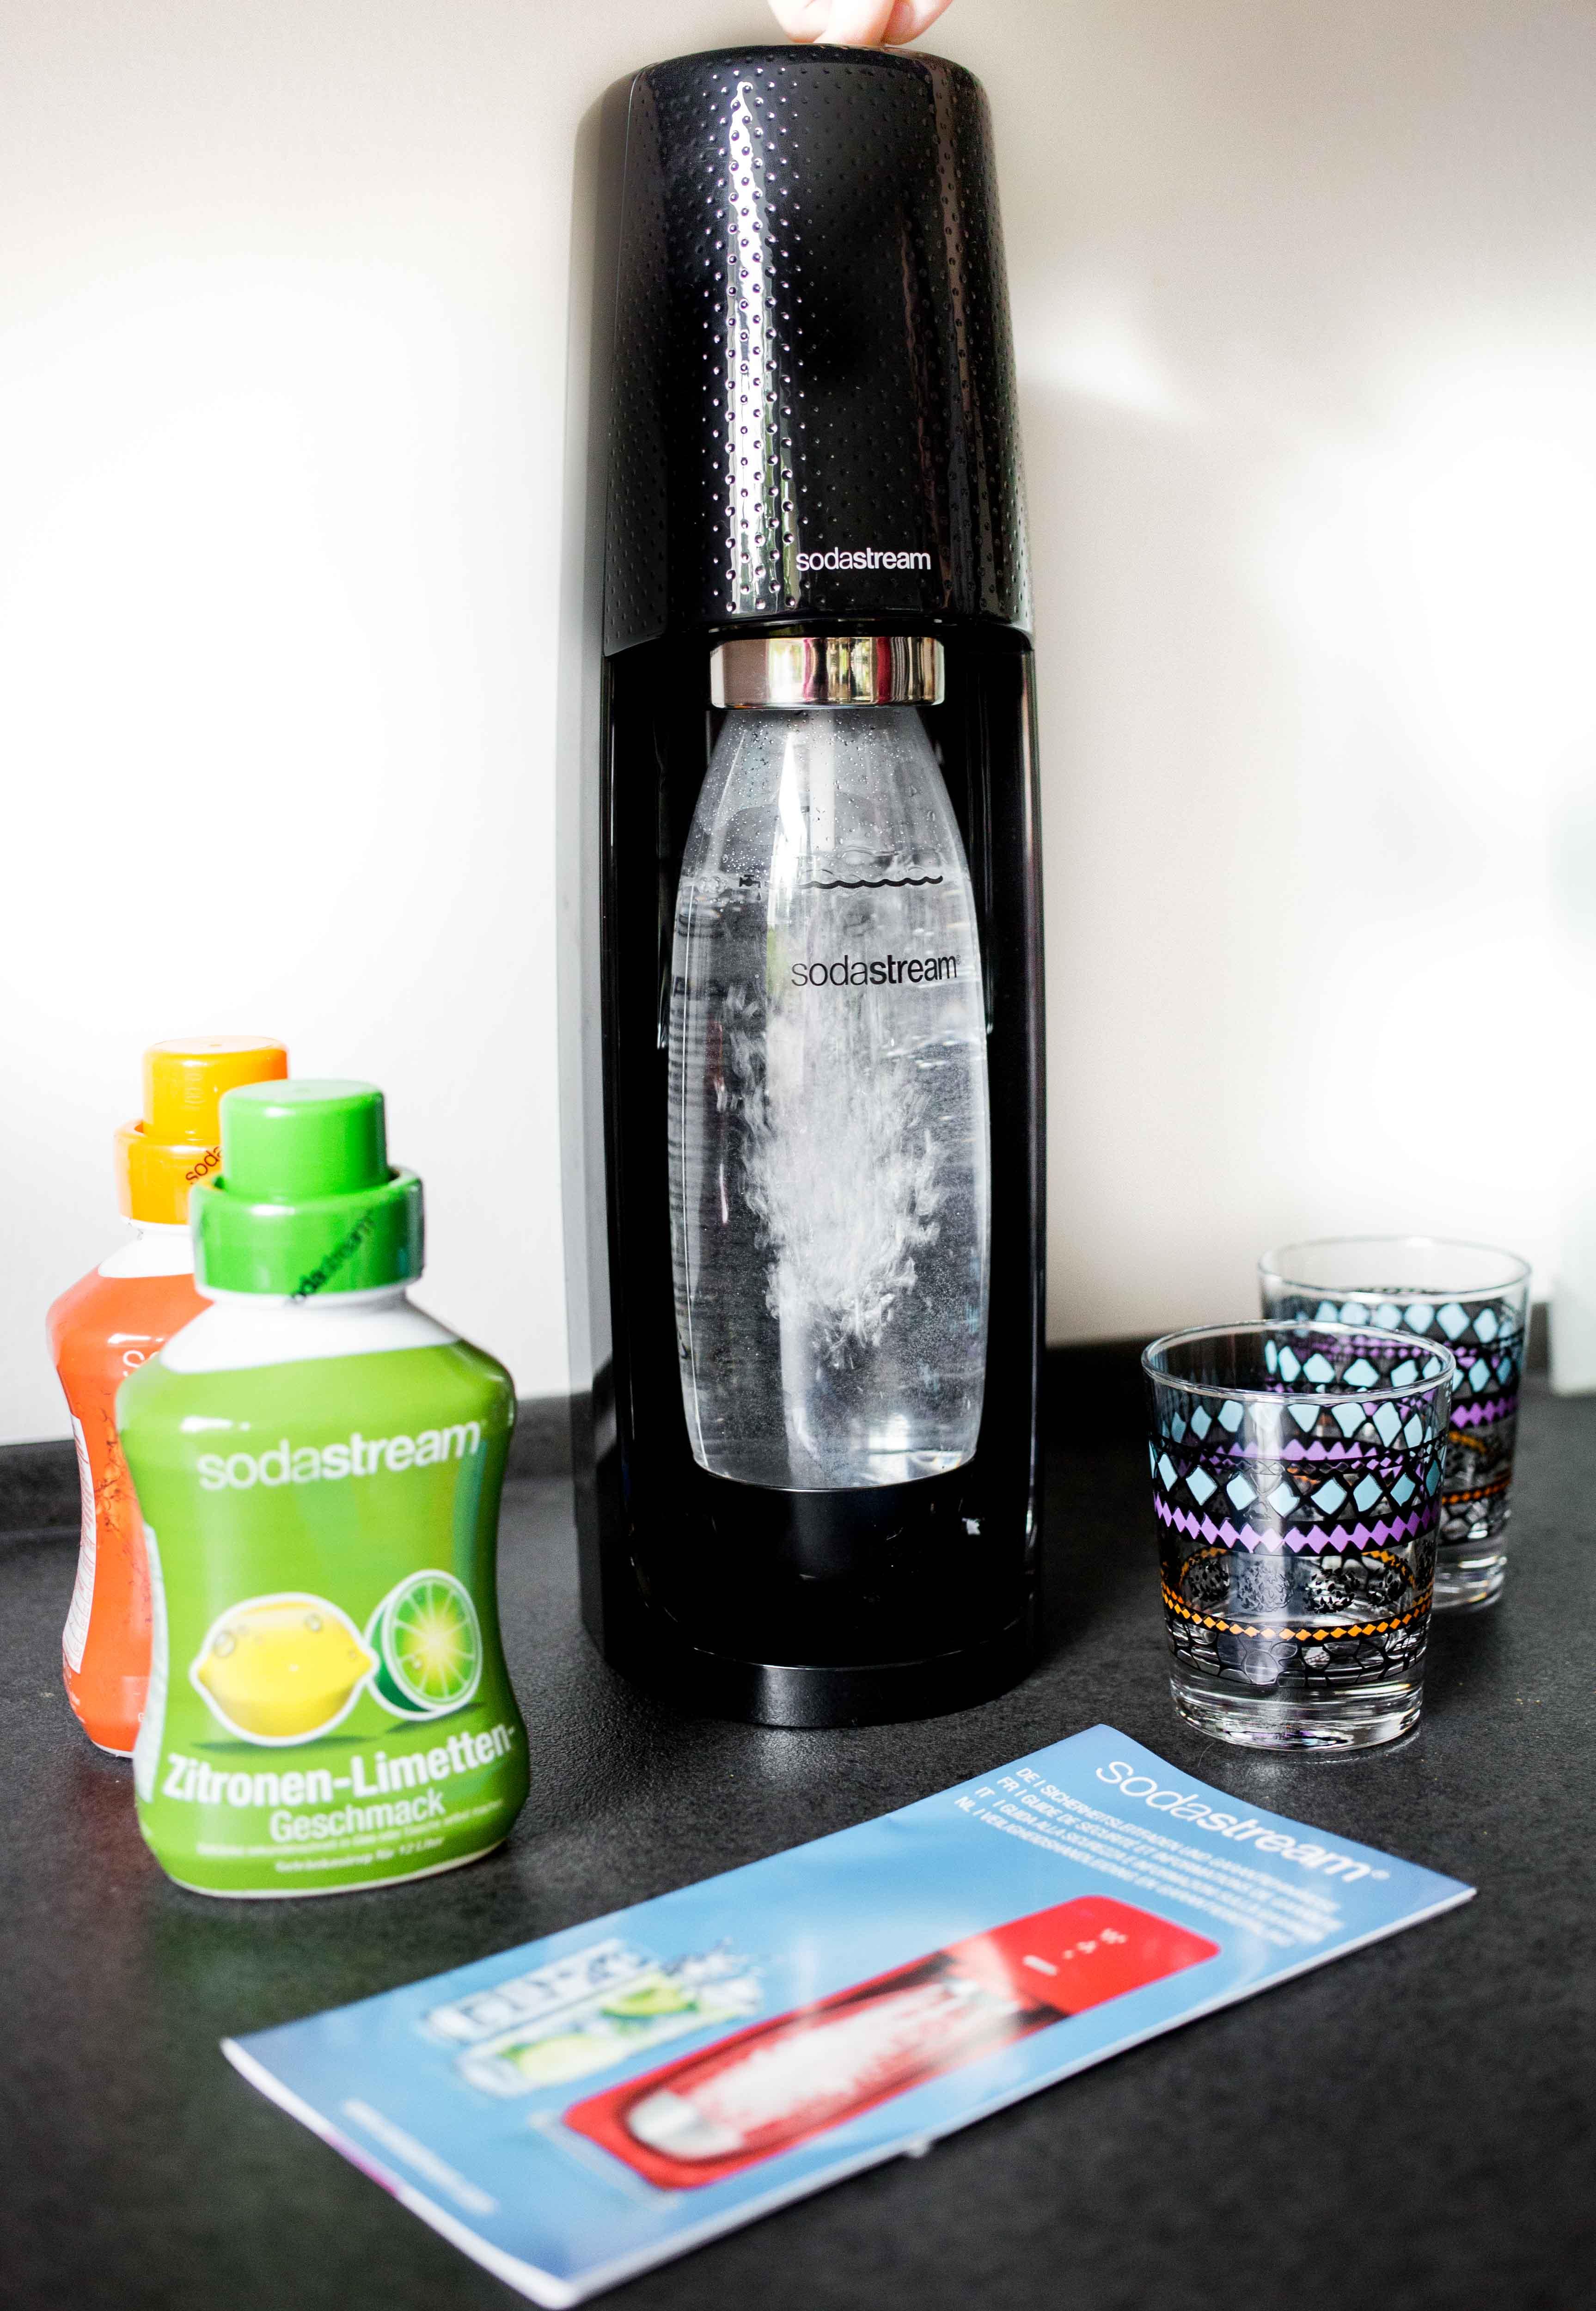 tipps-alltag-trinken-sodastream-easy-wasser-gesund-blog_8354